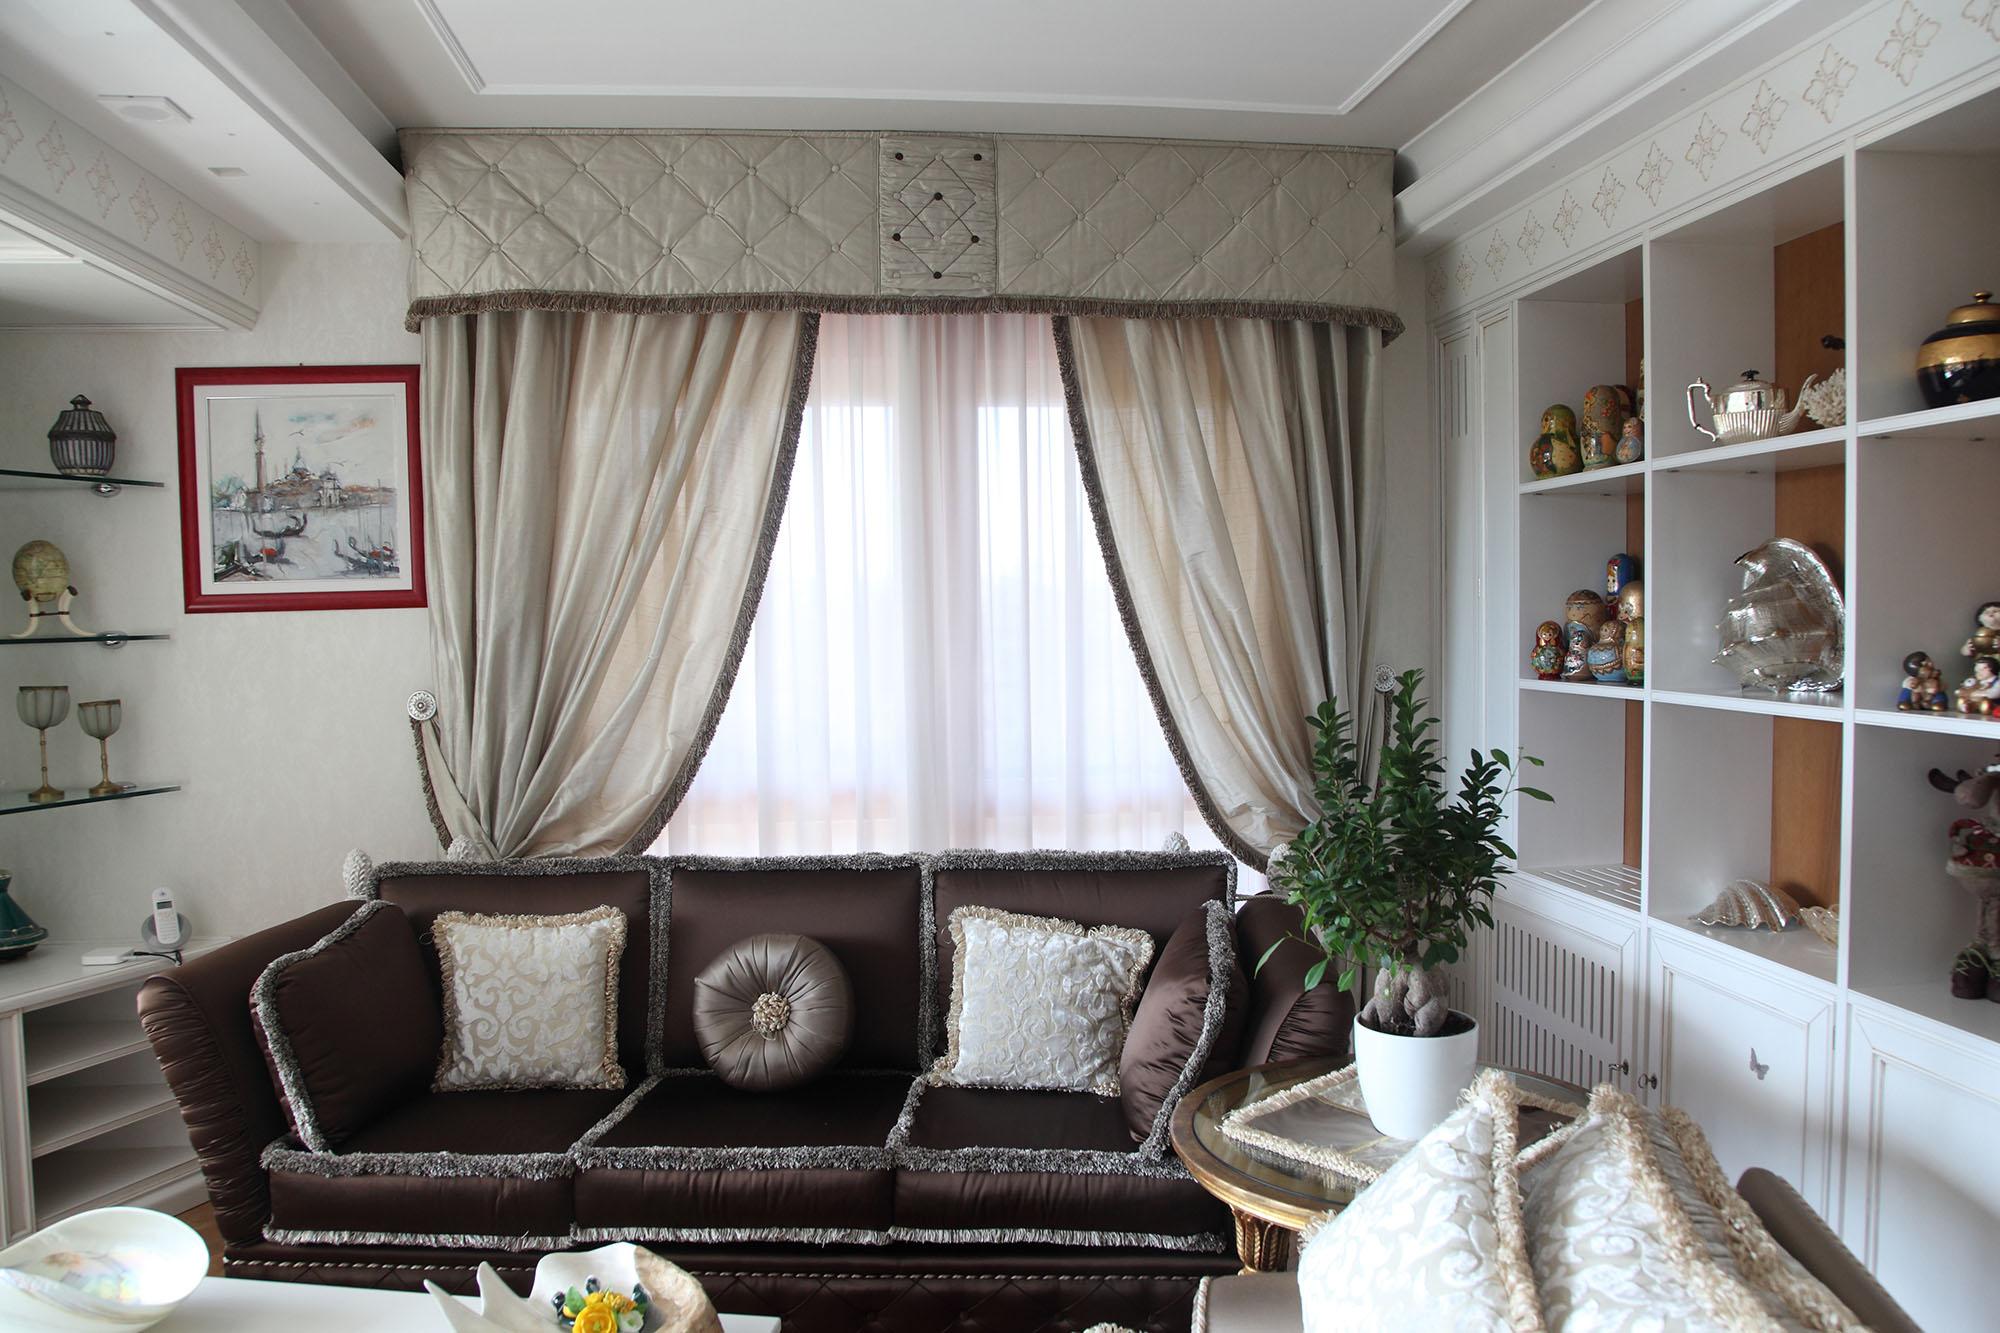 Benedetti domus arredamento e design in stile classico for Arredamento design roma